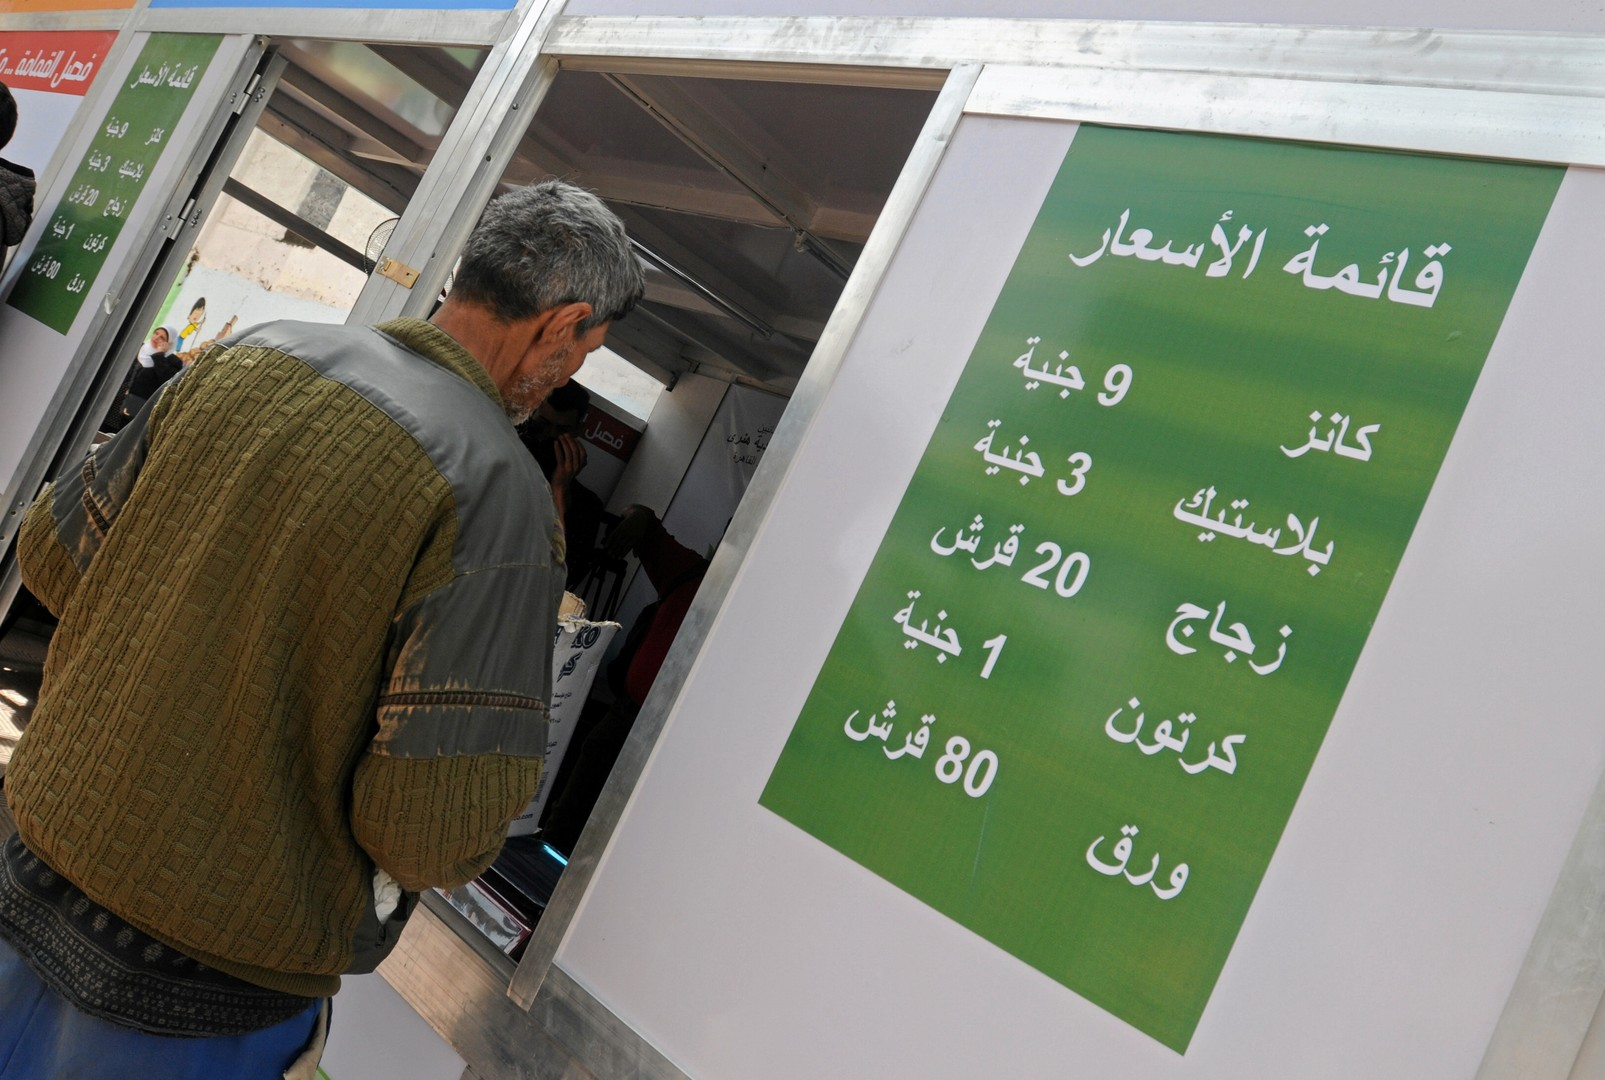 التضخم في مصر يسجل أدنى مستوياته في 3 سنوات